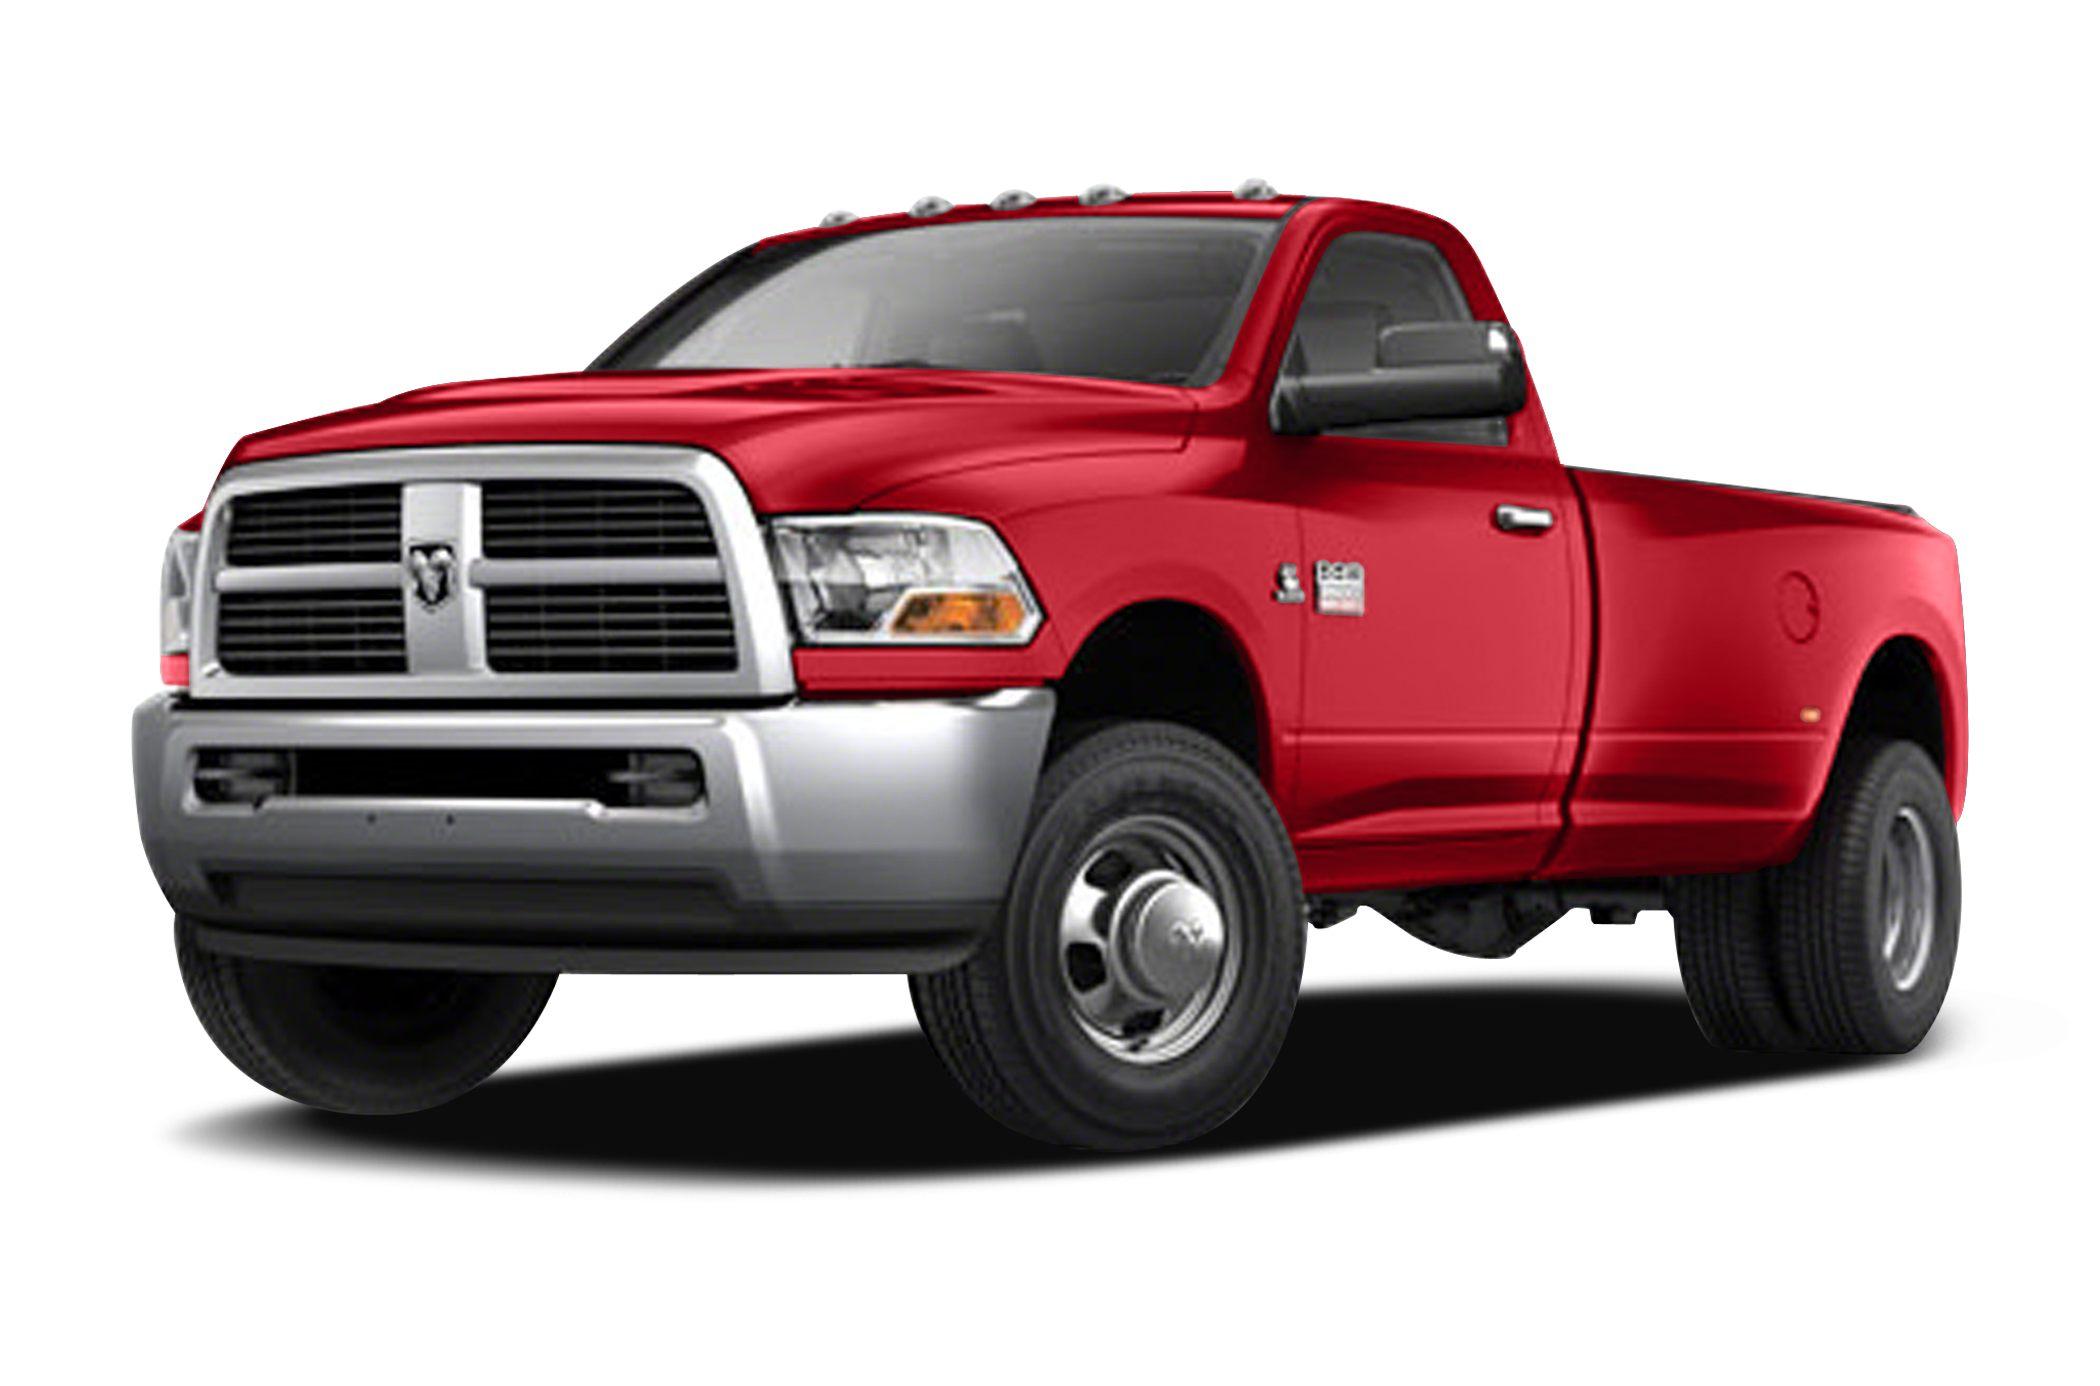 2012 RAM 3500